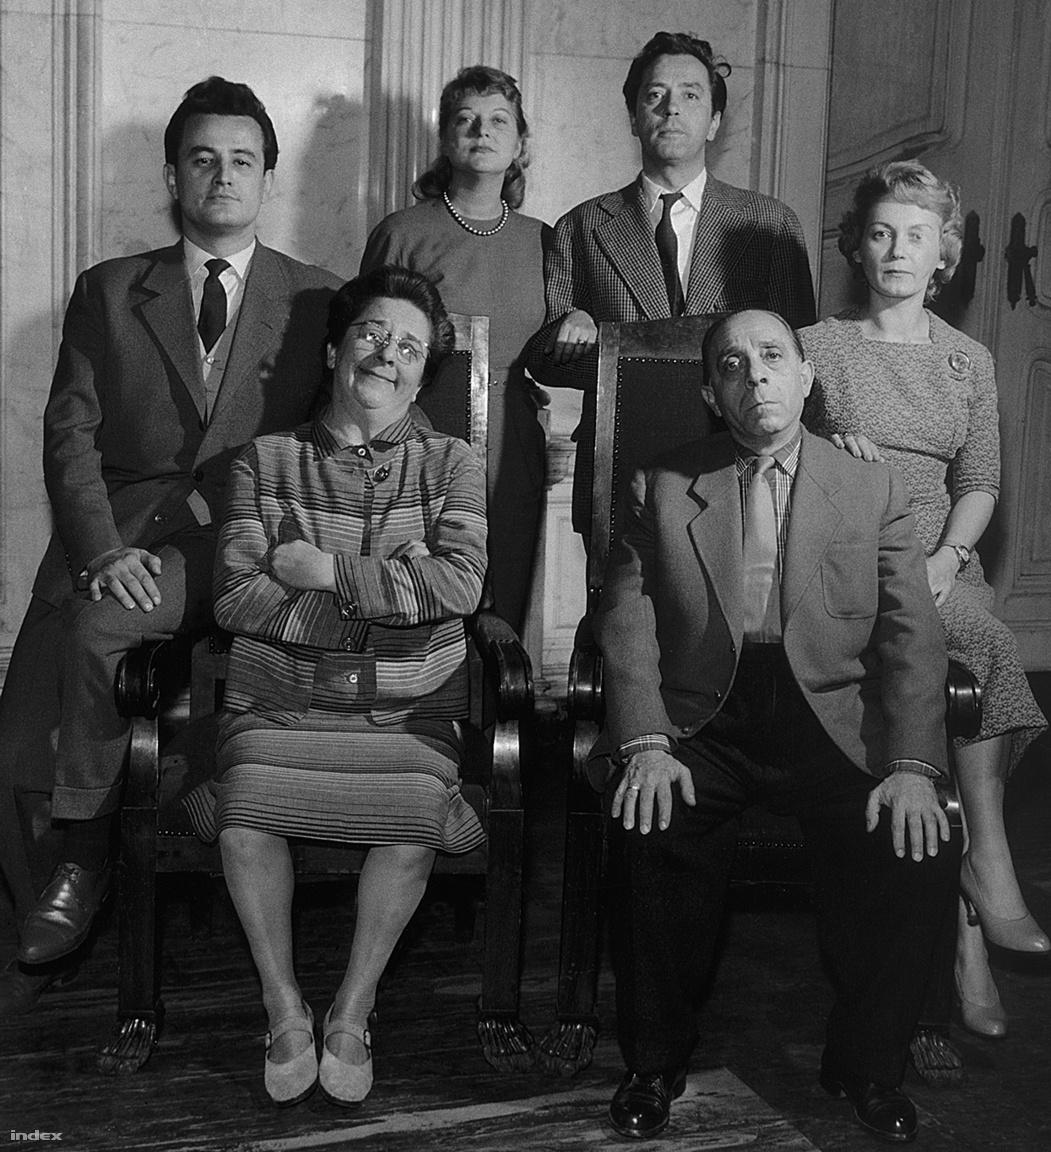 A Szabó család, a csaknem fél évszázadon futó népszerű rádiójáték legelső felállása Gobbi Hildával, Szabó Ernővel, Garics Jánossal, Balogh Erzsivel, Benkő Gyulával és Vörösmarthi Lilivel. A sorozat 2500. és egyben befejező adását, 2007. májusában adta le a Kossuth Rádió. A fotós felkérte a szereplőket, hogy egy családi portré erejéig álljanak össze, ők pedig a felvétel pillanatában is pontosan leképezték azokat a vizuális jegyeket, amelyek karaktereiket jellemezték.